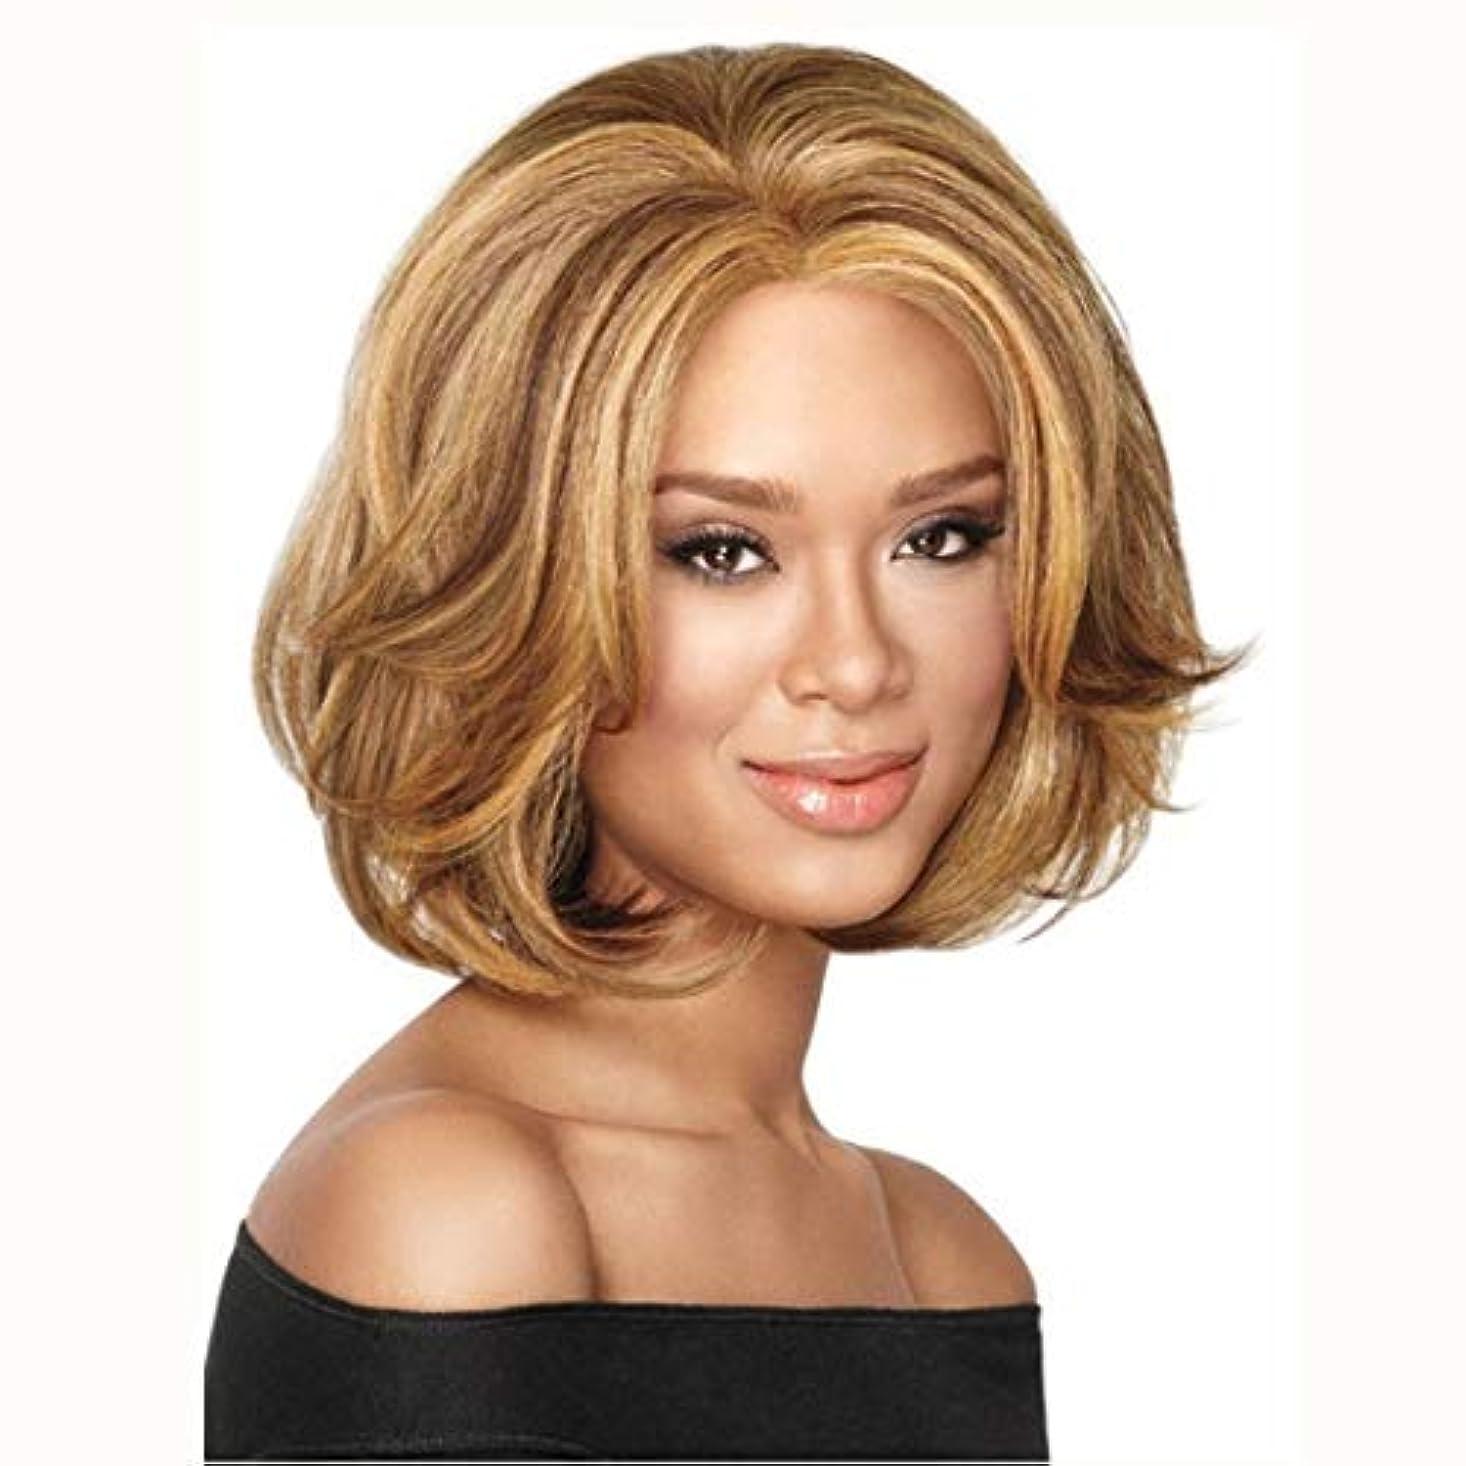 スタウト死の顎ワイプSummerys 短い髪ゴールデン巻き毛ふわふわ短い巻き毛ハイライトウィッグ女性用ヘッドギア